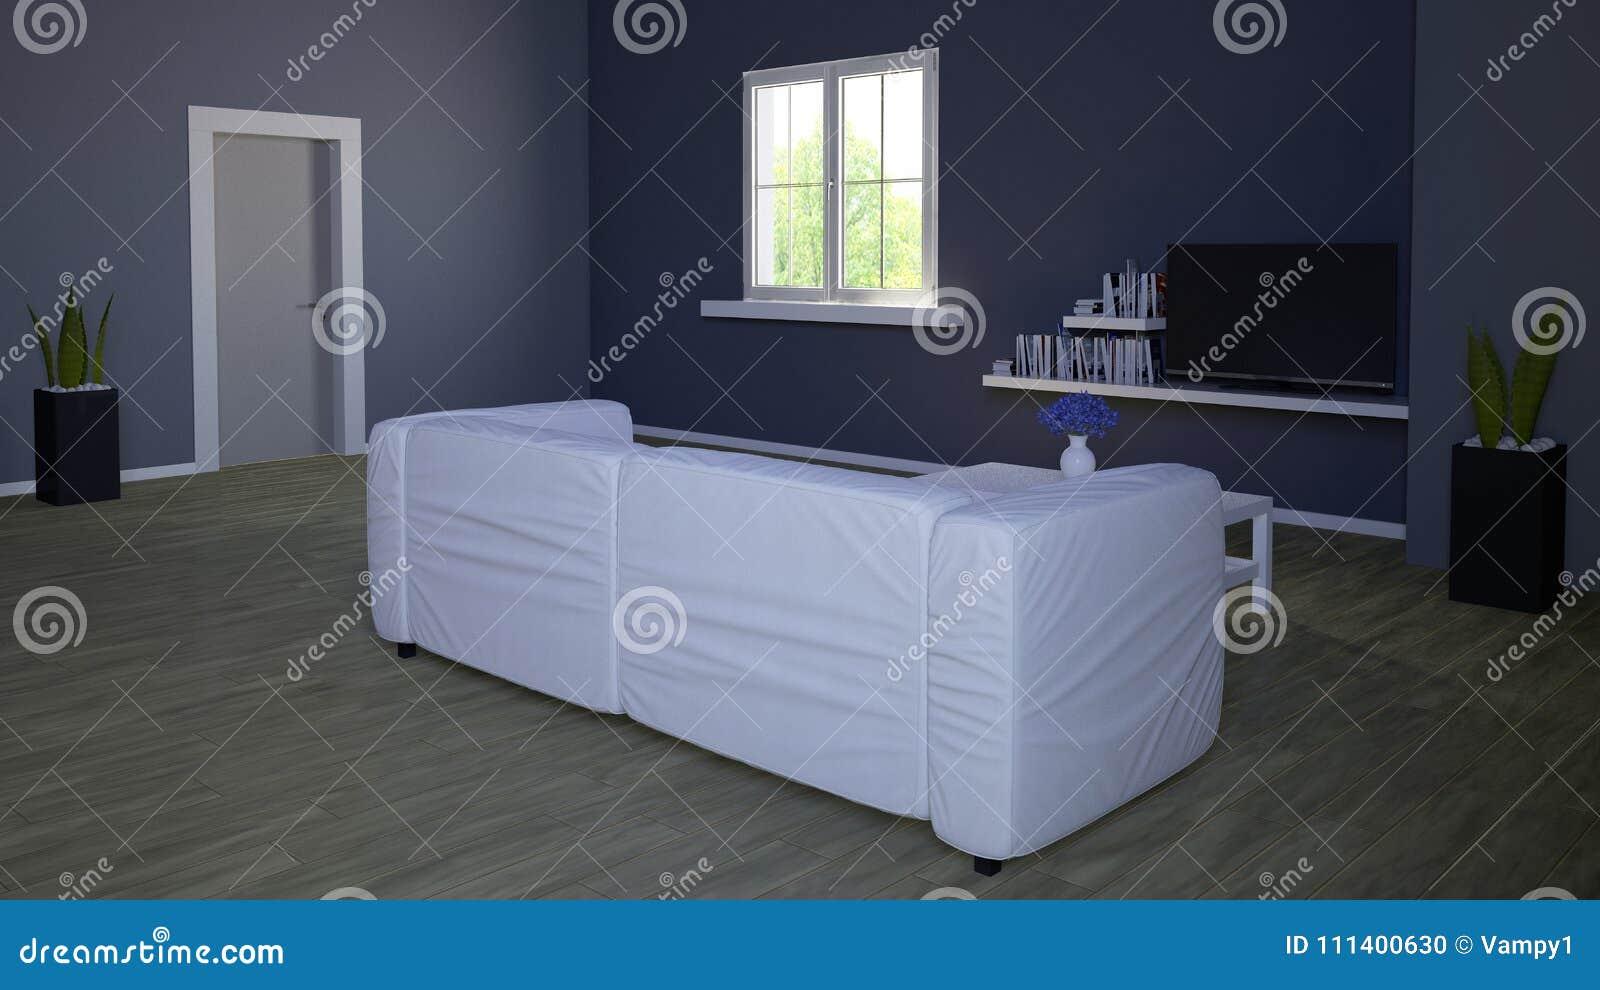 Innenarchitektur Wohnzimmer Und Moderne Mobel Blaue Wand Fenster